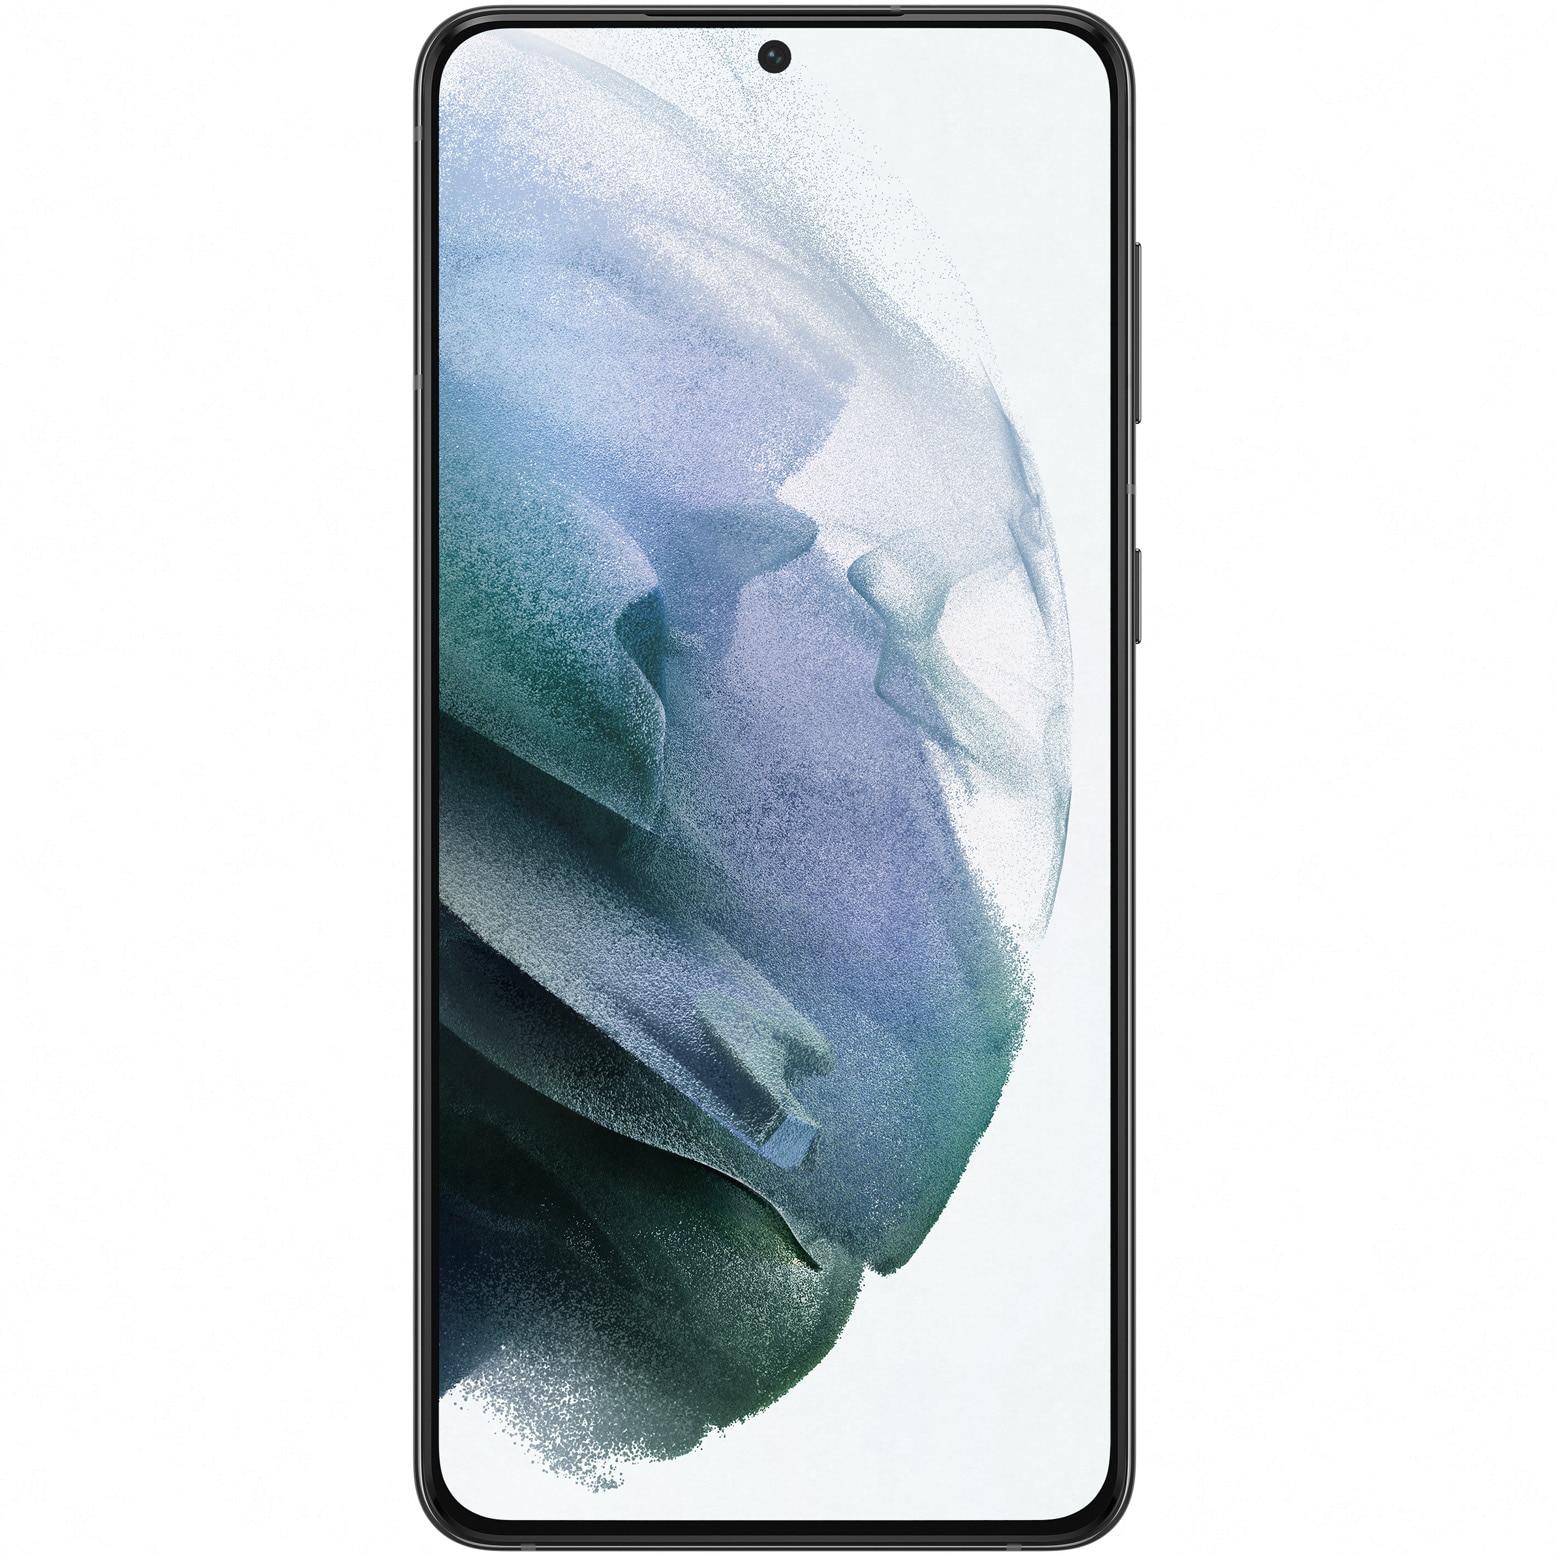 Fotografie Telefon mobil Samsung Galaxy S21 Plus, Dual SIM, 256GB, 8GB RAM, 5G, Phantom Black